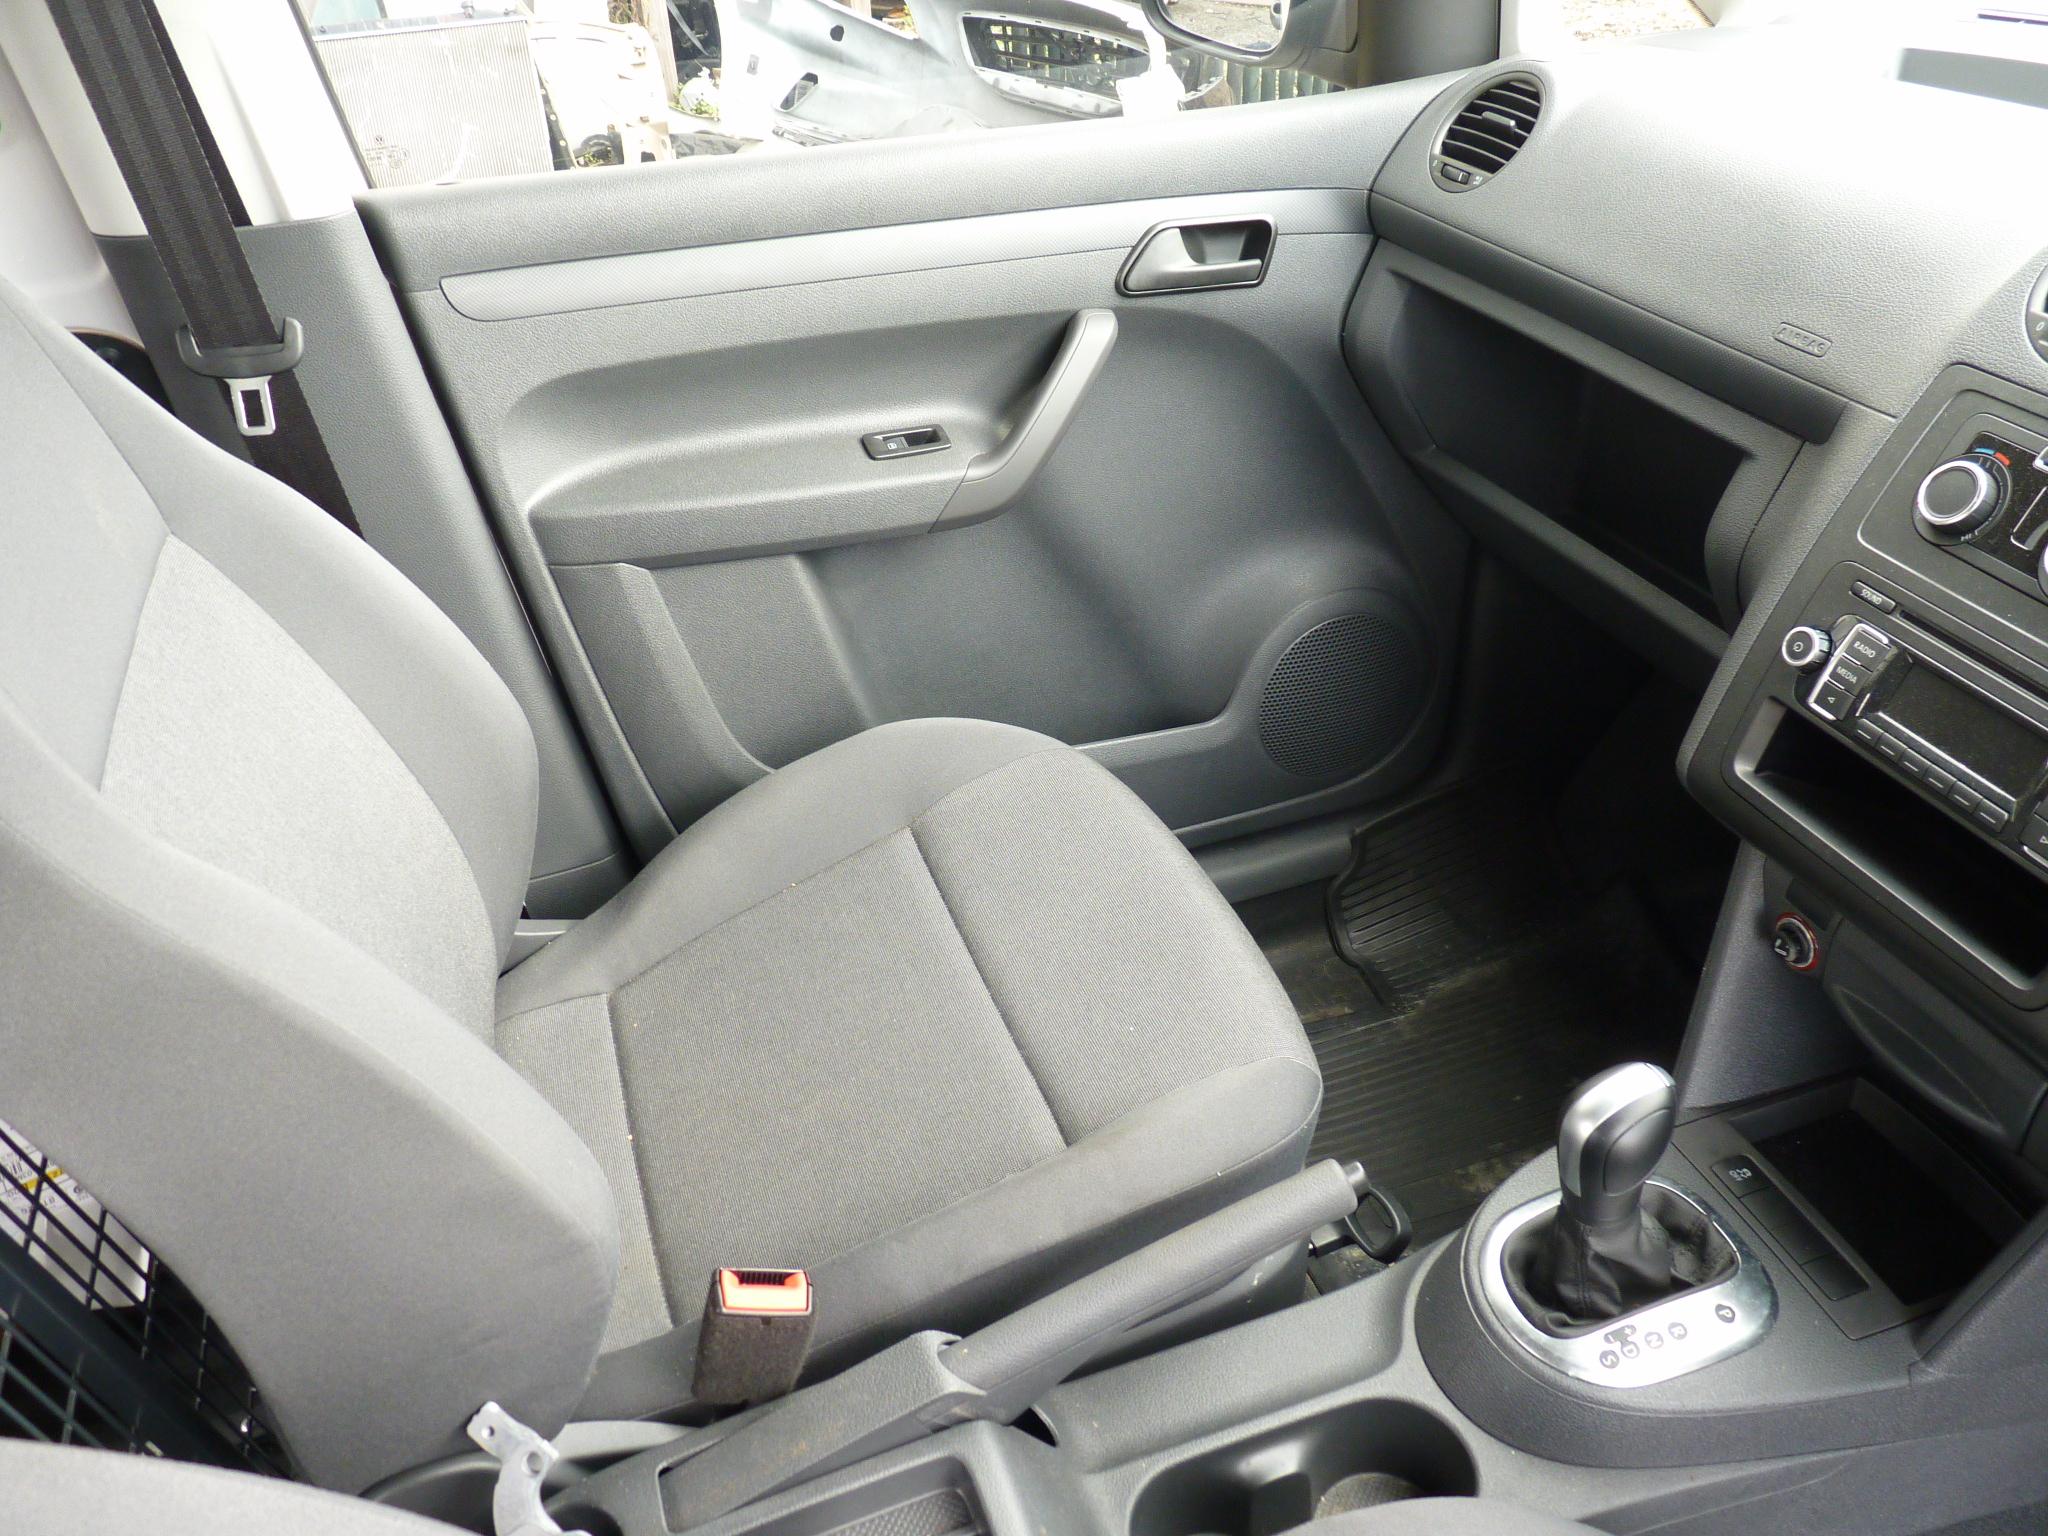 VW Caddy 2015